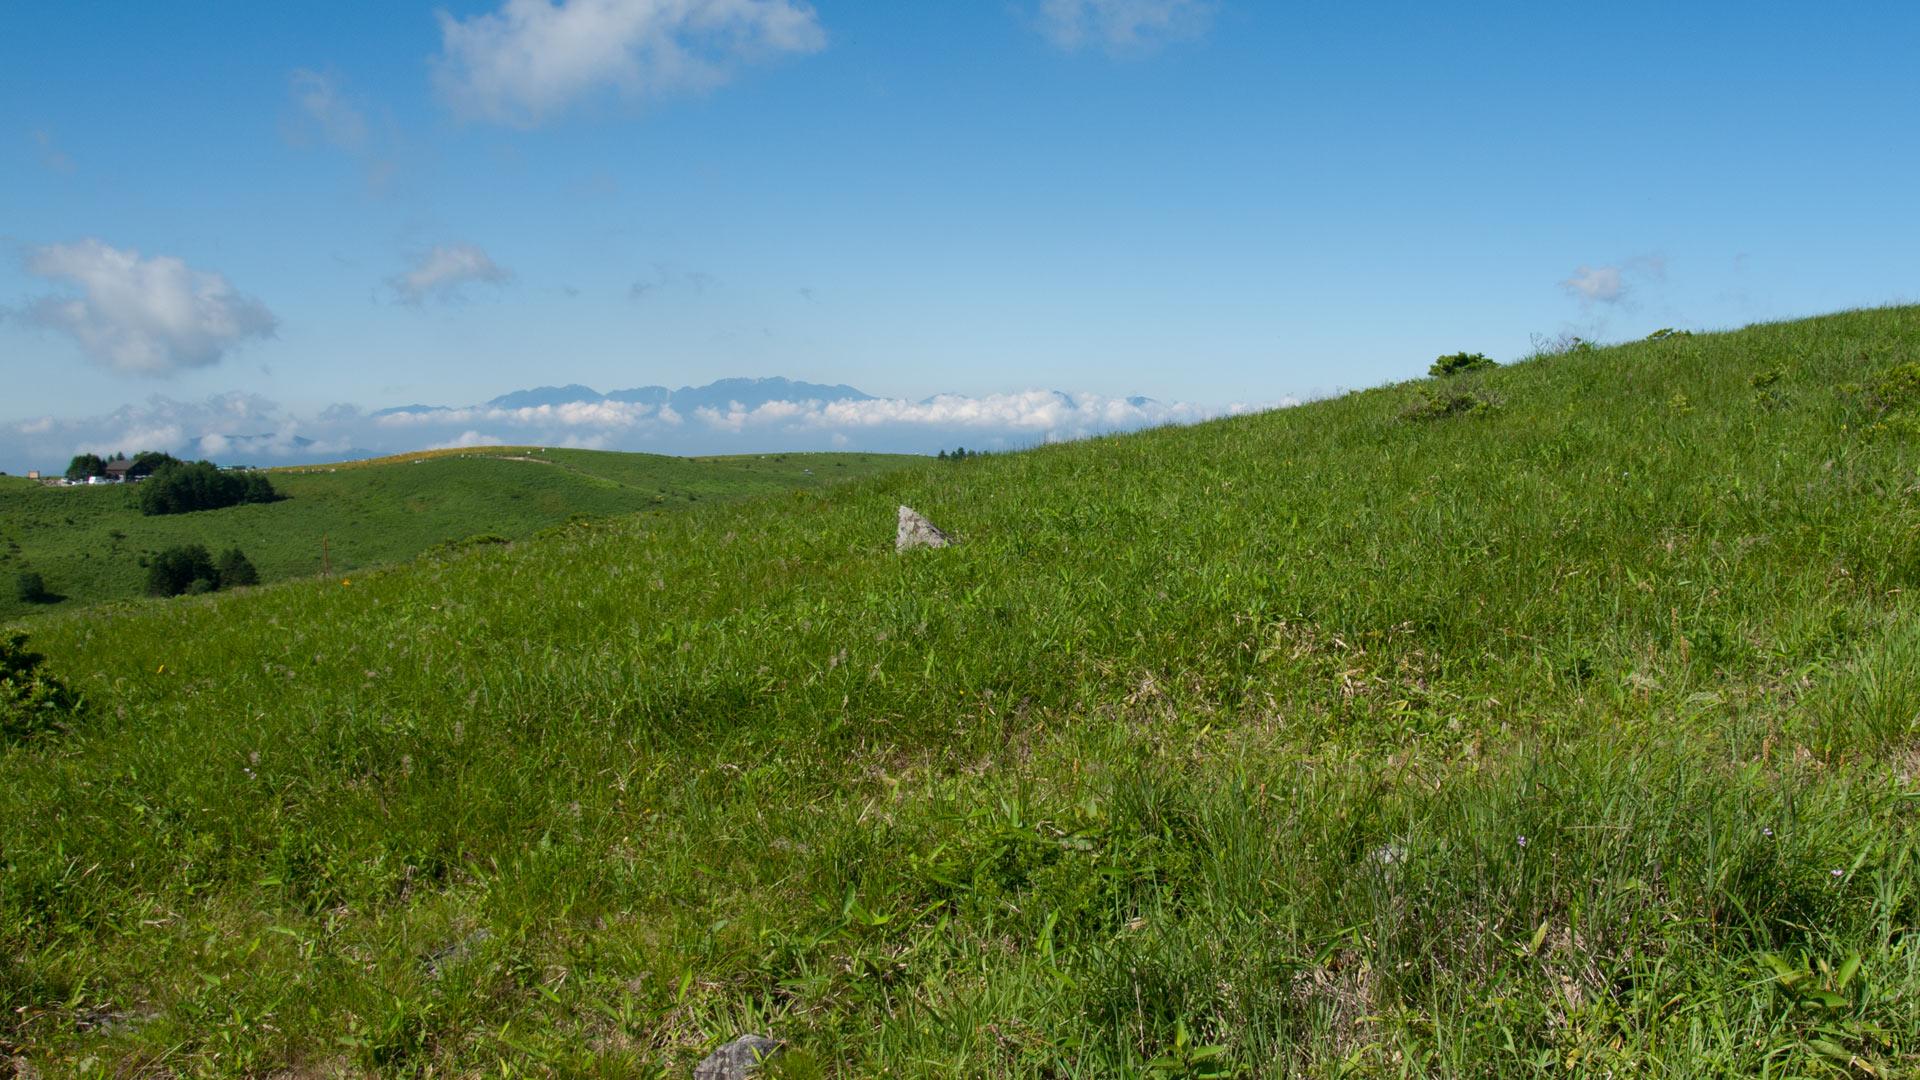 ワイド画面 1920 1080 のデスクトップ壁紙 長野県 霧ヶ峰高原 緑の草原